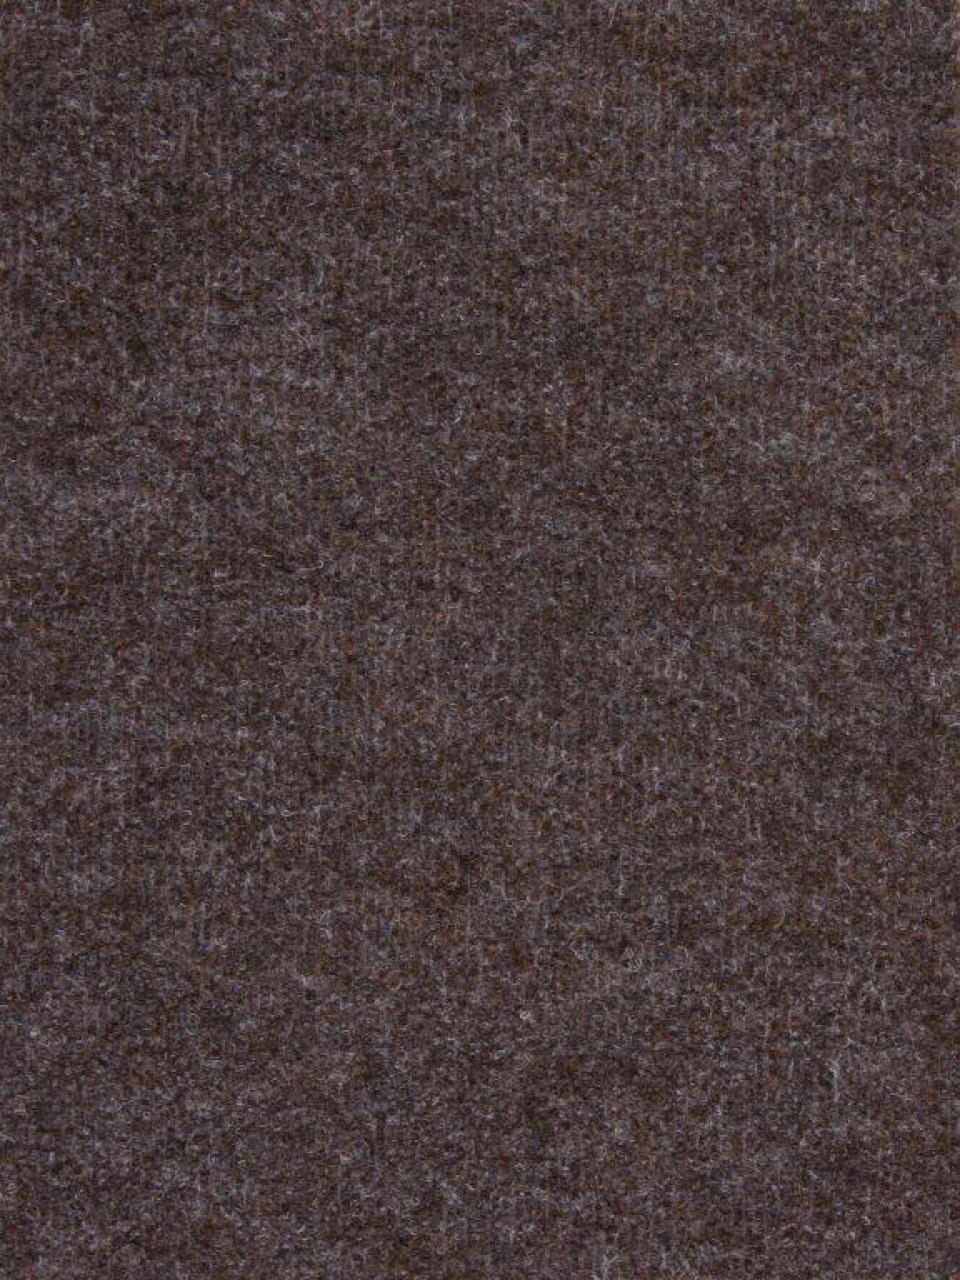 Ковровая дорожка 7729 - BRUIN - коллекция Cairo 3m - фото 1